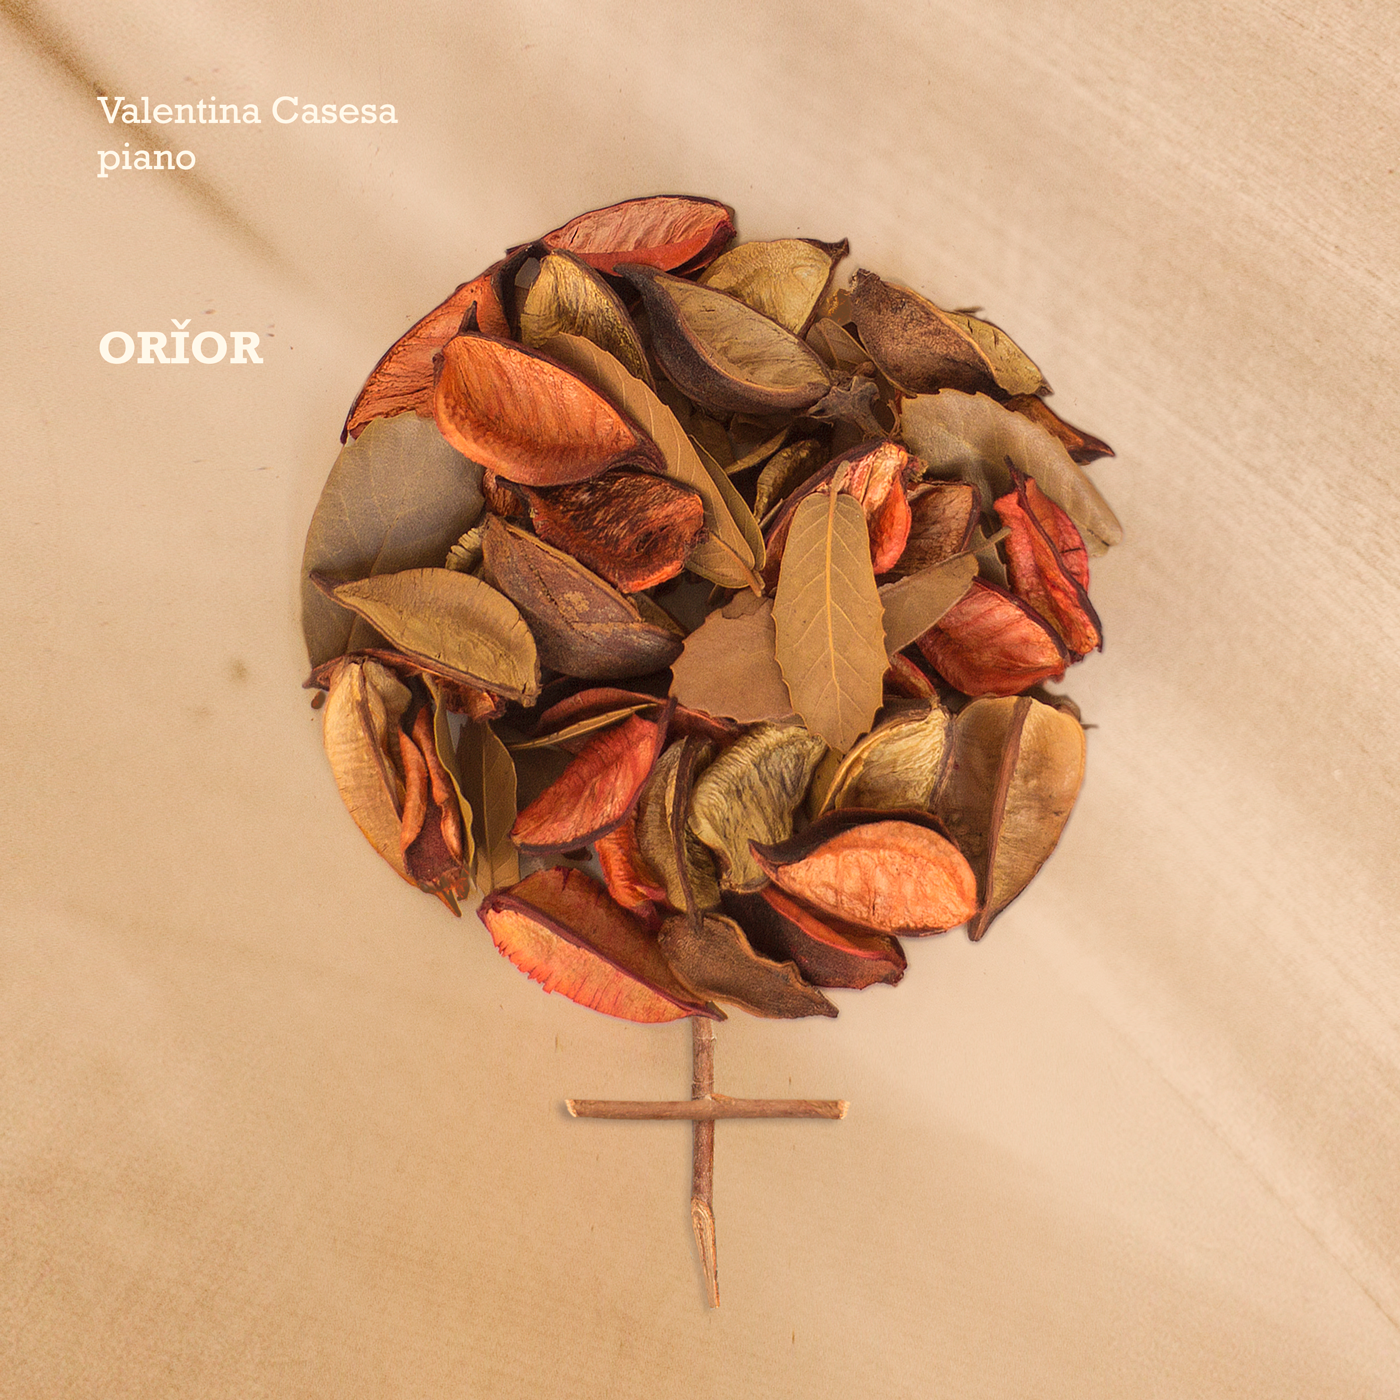 Valentina Casesa - ``Orior`` album cover | Almendra Music, Classical, Post-Classical, Modern Classical, Palermo, Sicily, Piano, Pianist